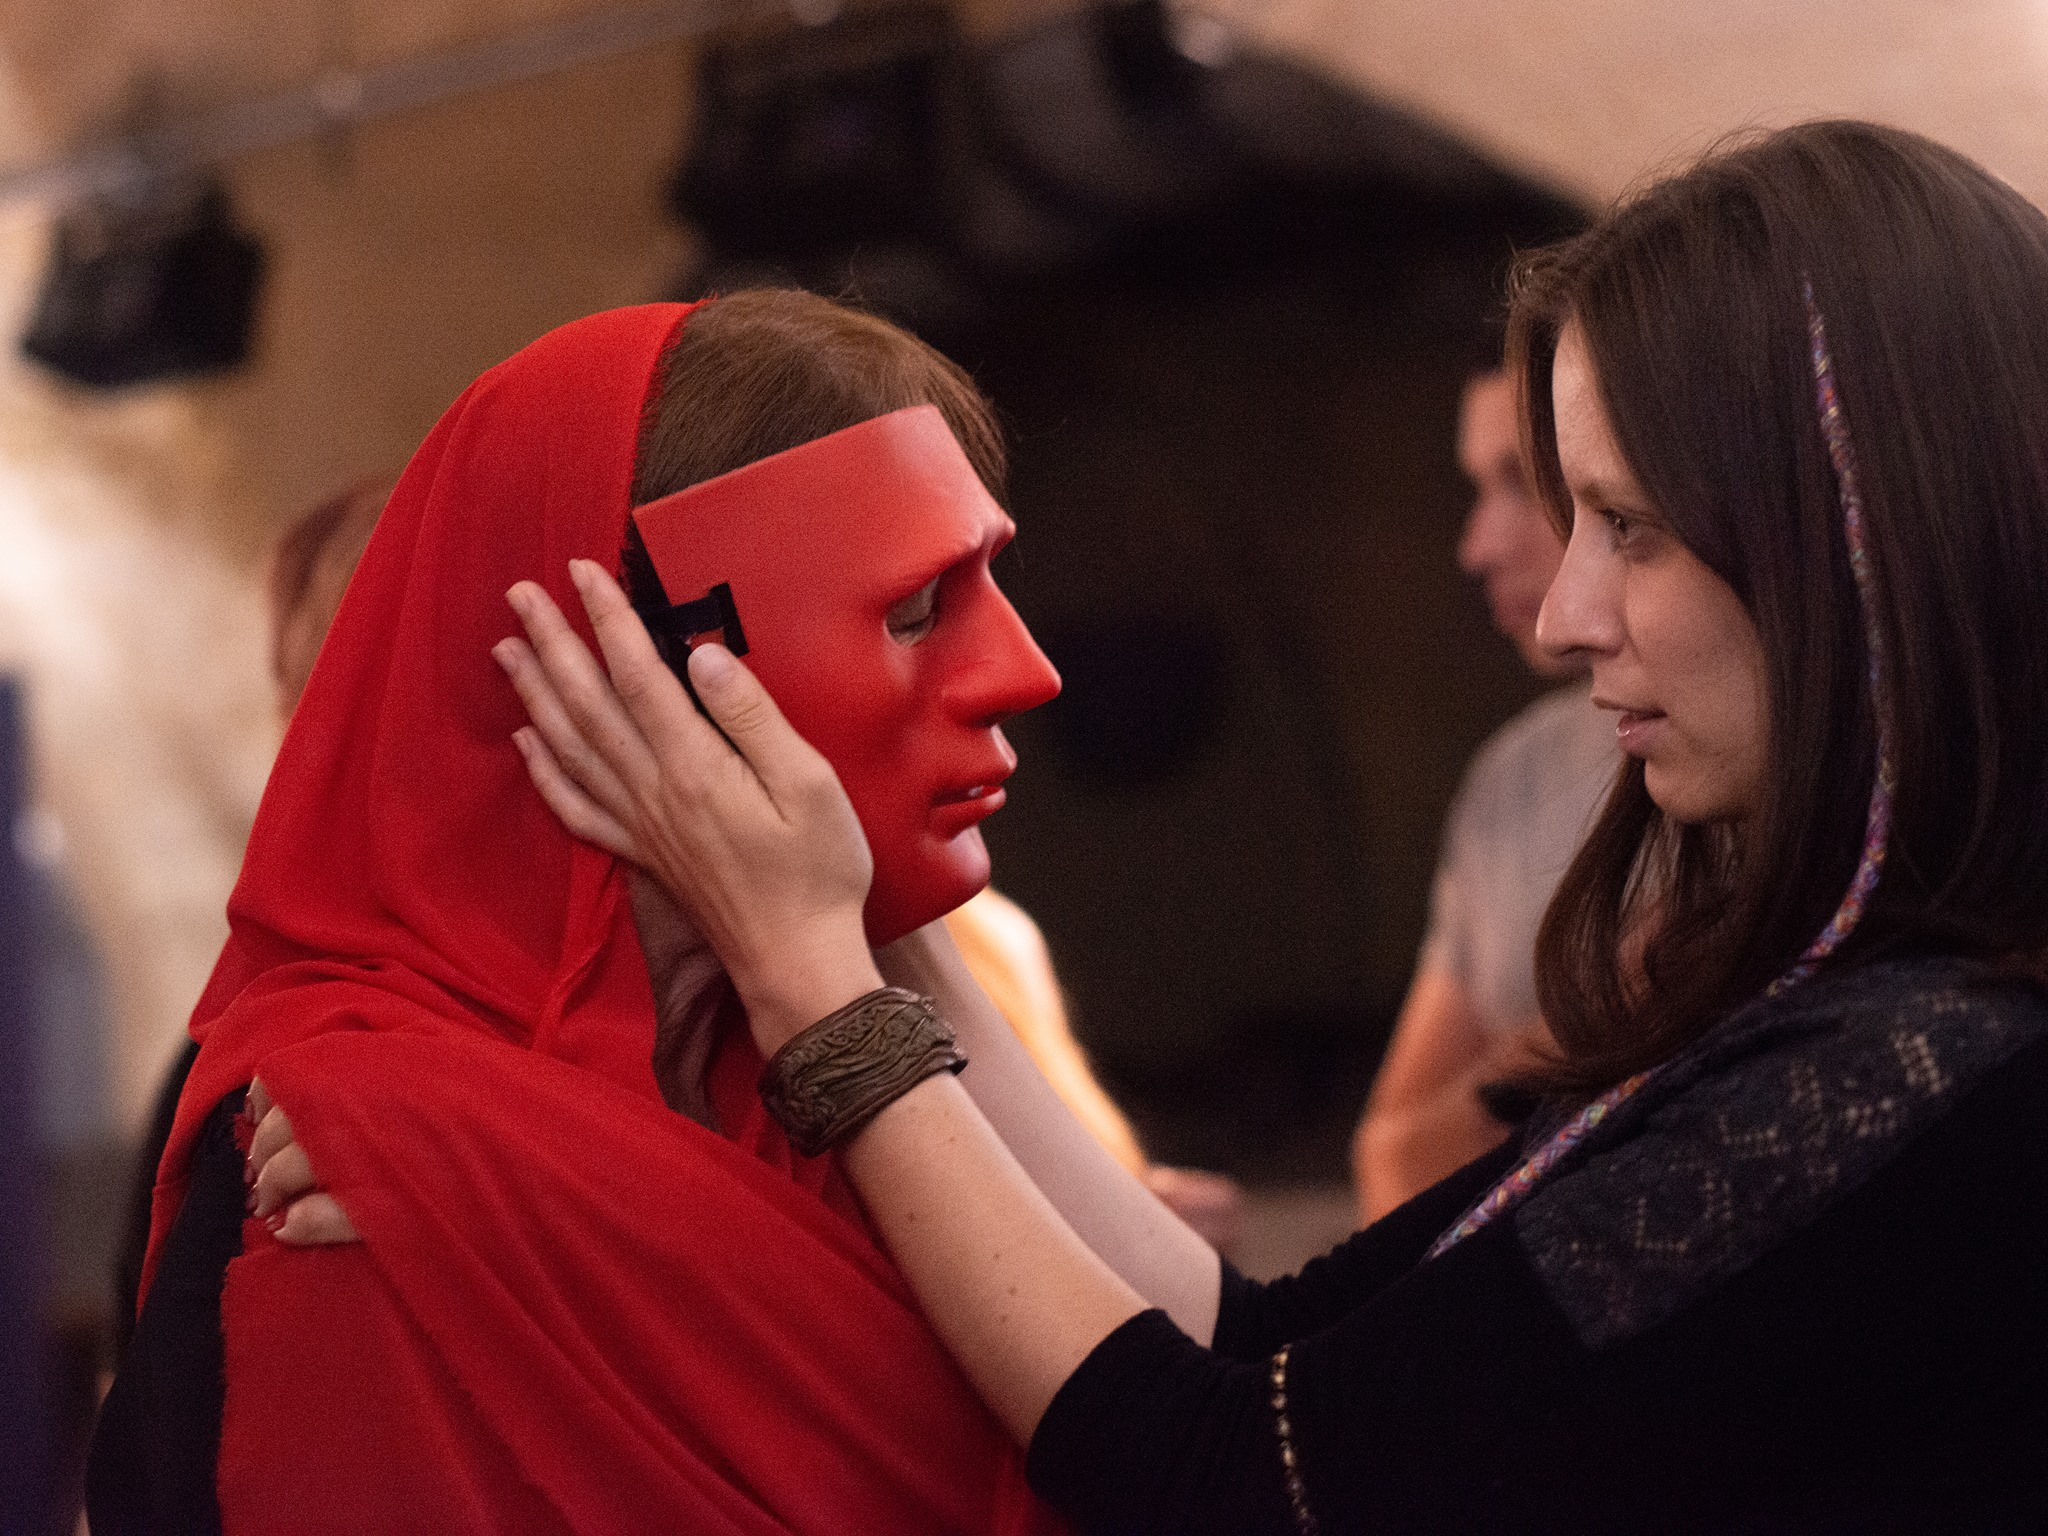 Наталья Вайнилович, «Пульс города»: «Одессе идет интерактивный театр»